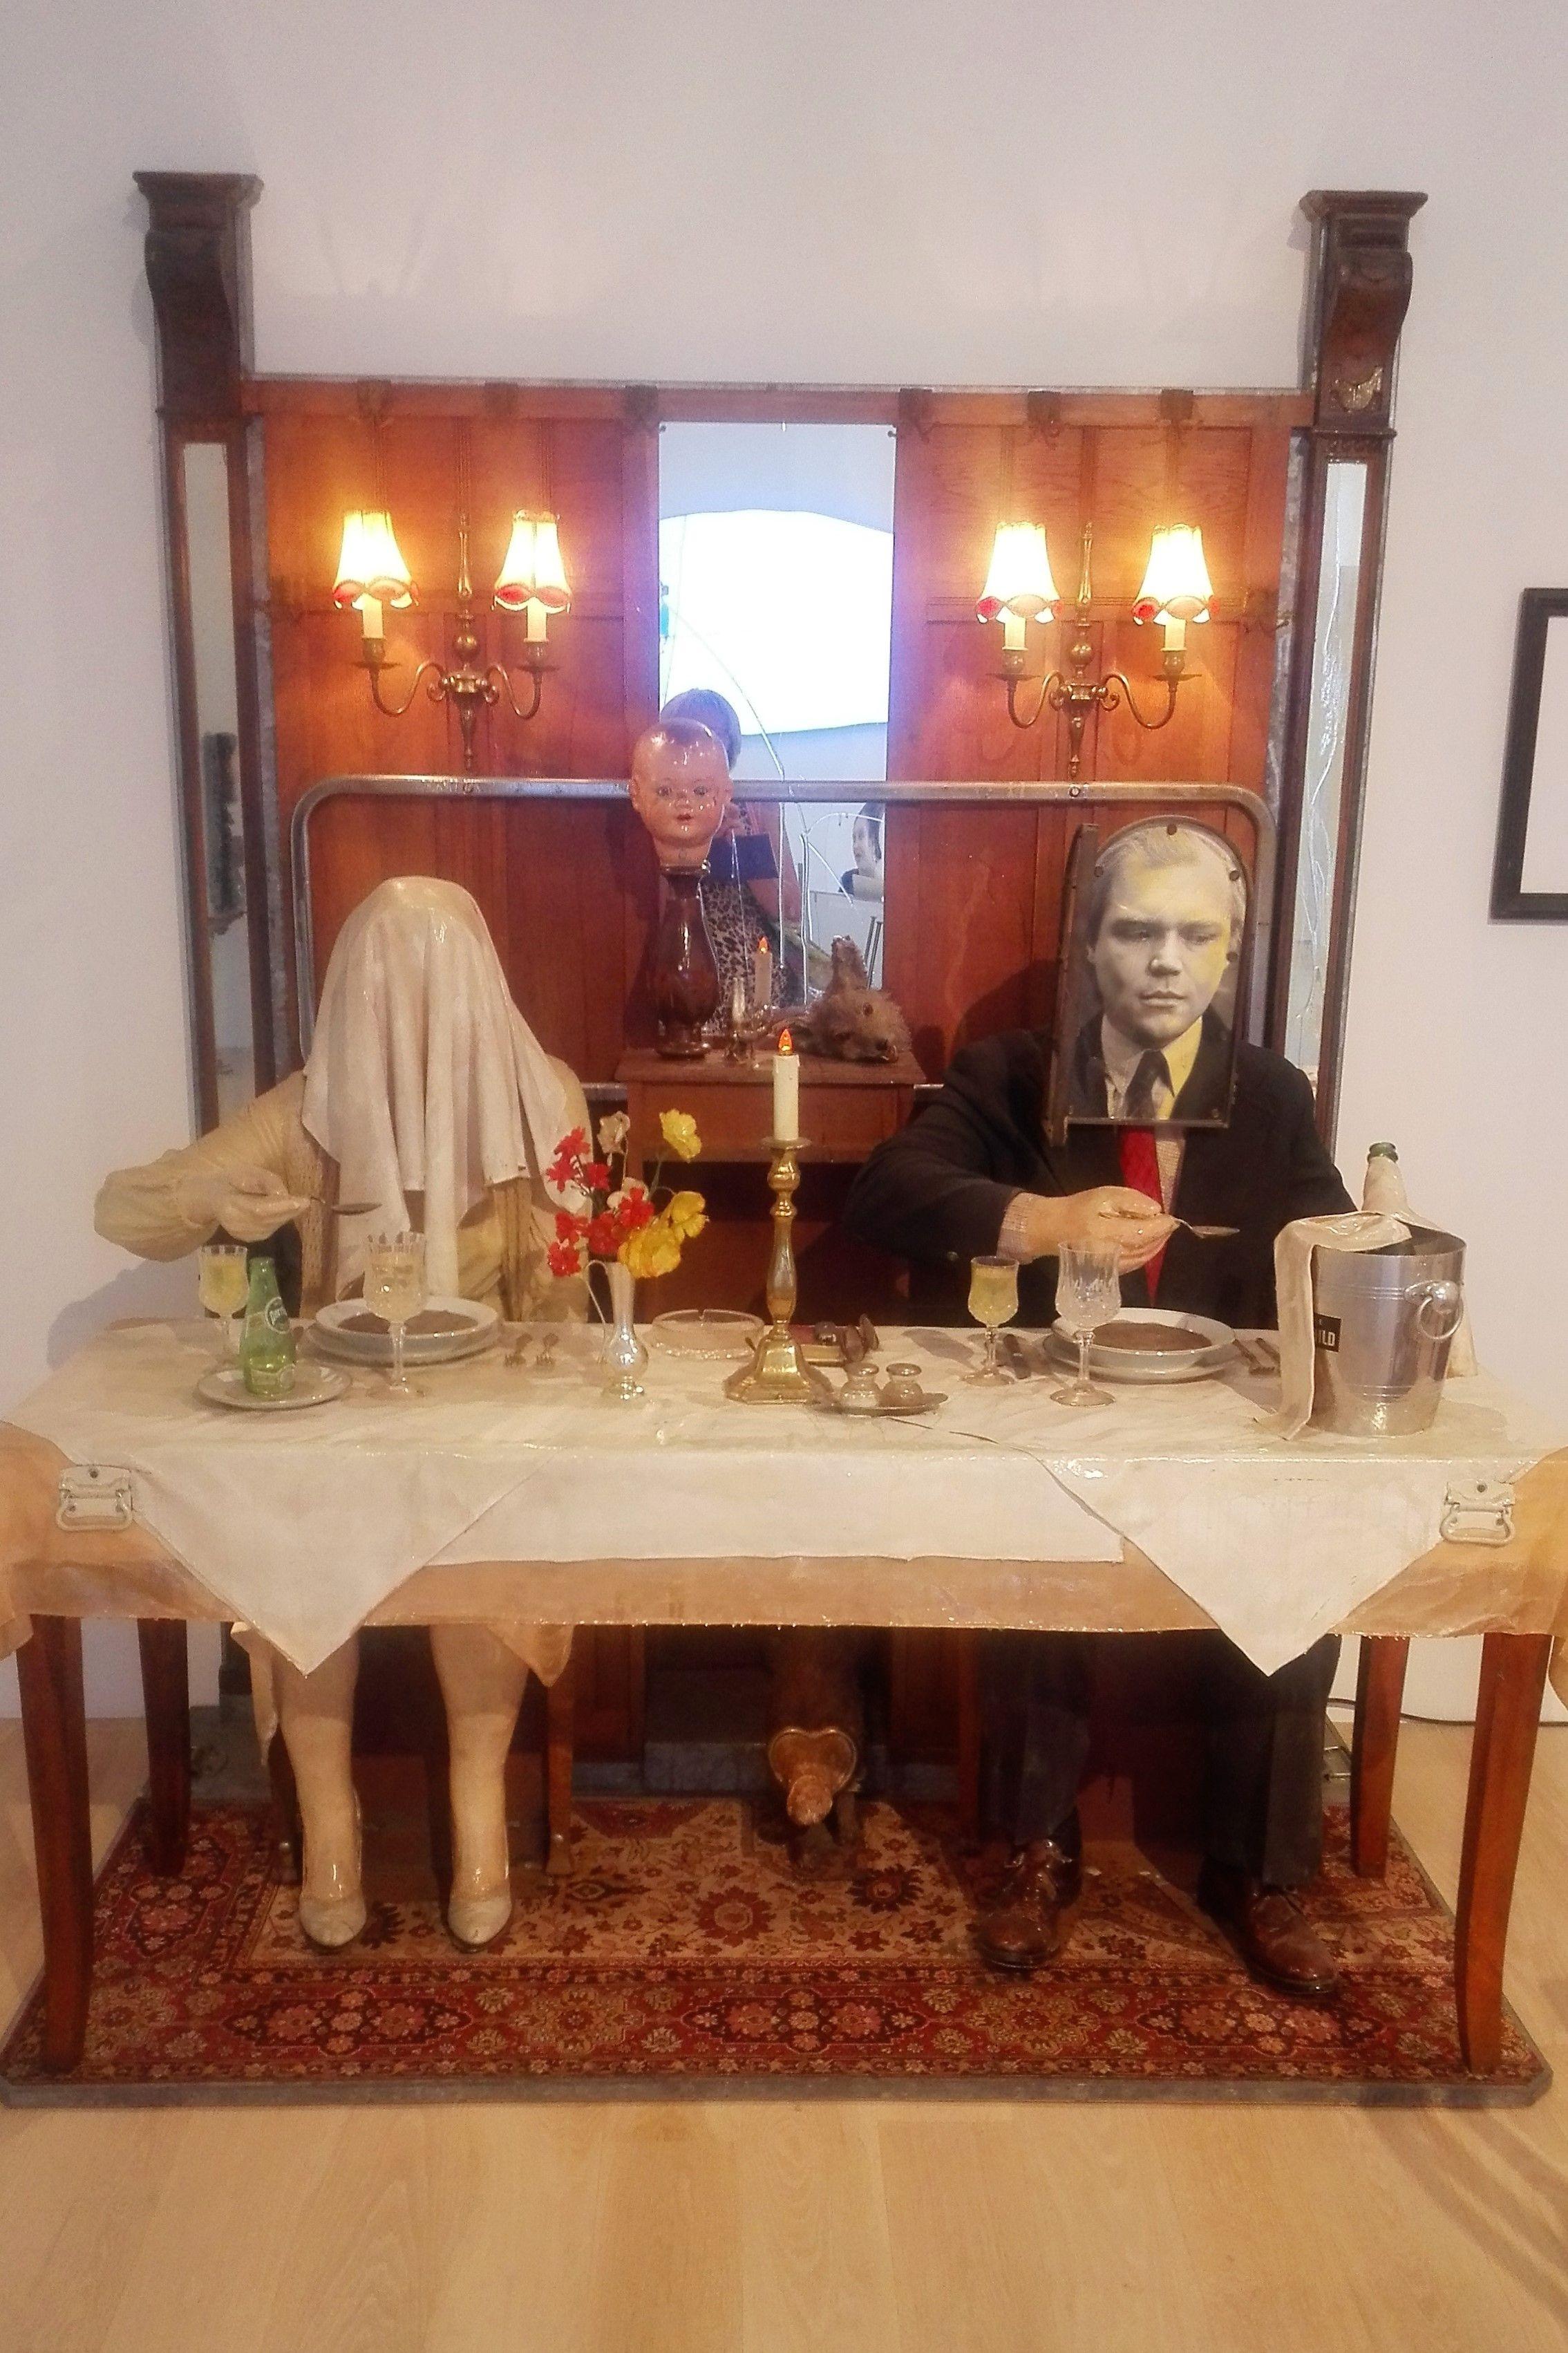 Edward & Nancy Reddin Kienholz, The Soup Course at the She